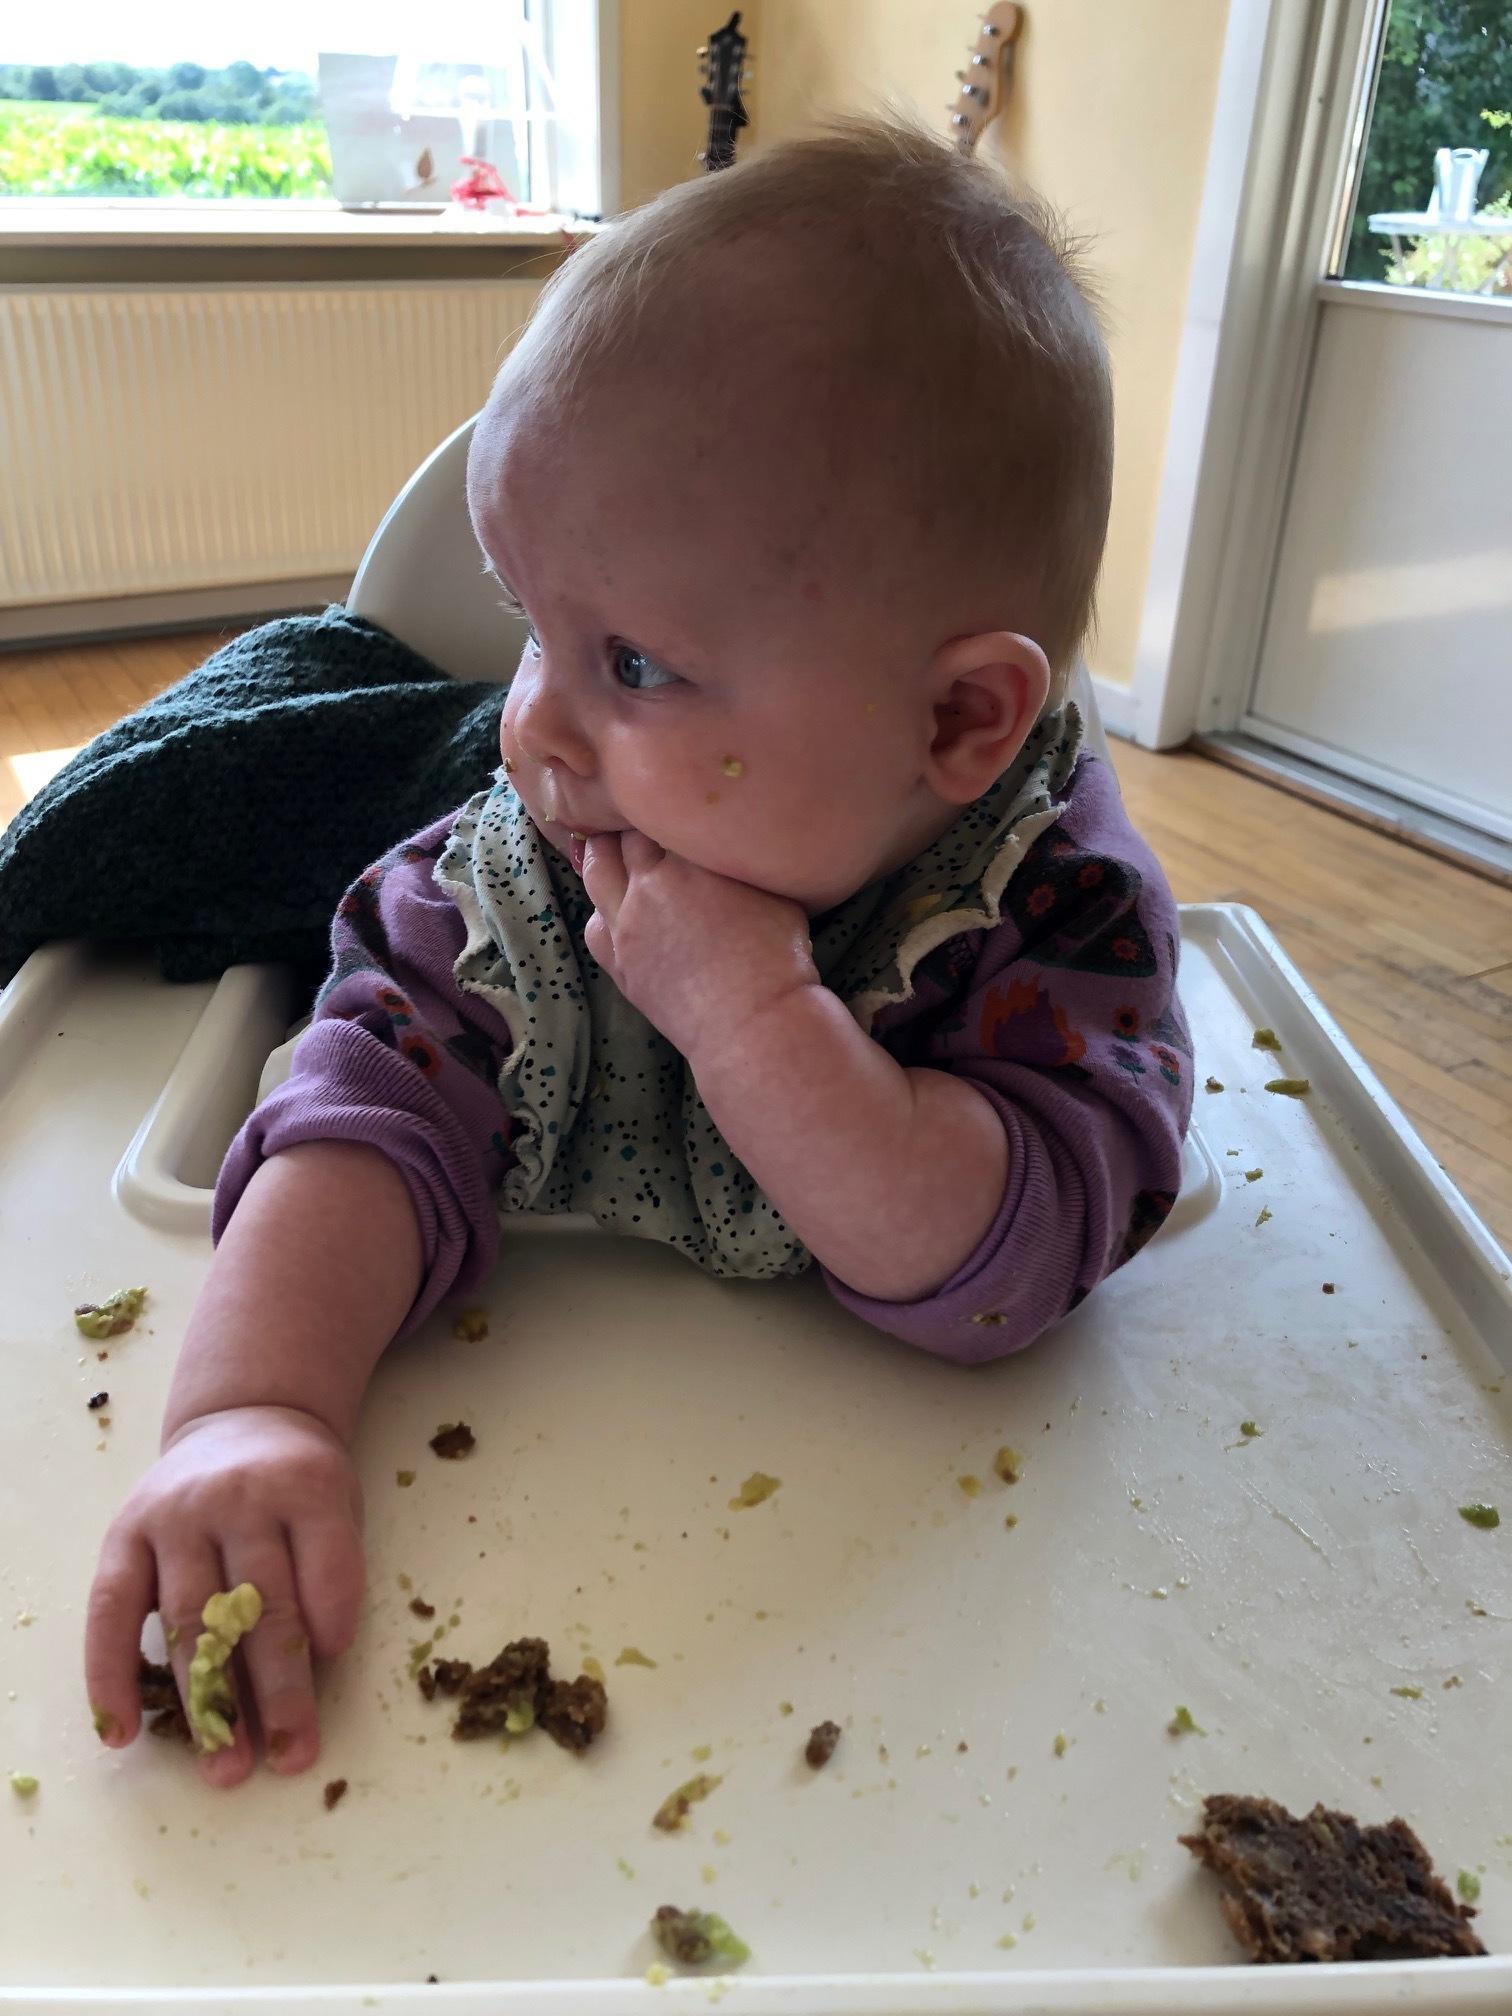 Her ses en smags-gangsta in action. Hun er knapt 5 måneder gammel og vil allerhelst selv styre hvornår og hvordan maden kommer ind i munden. Vi tror på at læring også sker igennem at 'lege med maden' - eneste ulempe er at det koster lidt ekstra på vaskekontoen :-)